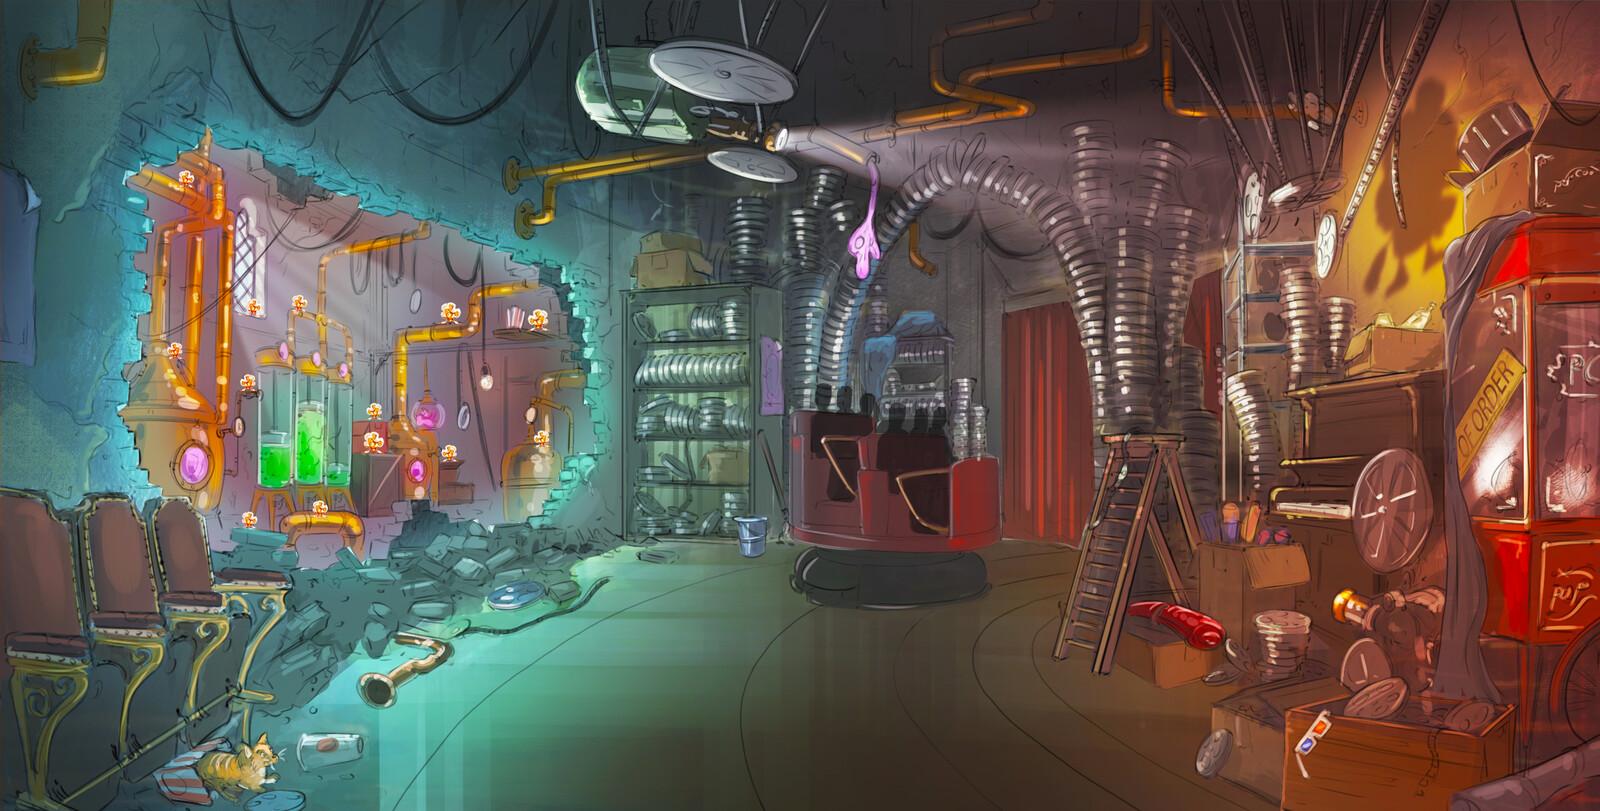 Final scene concept